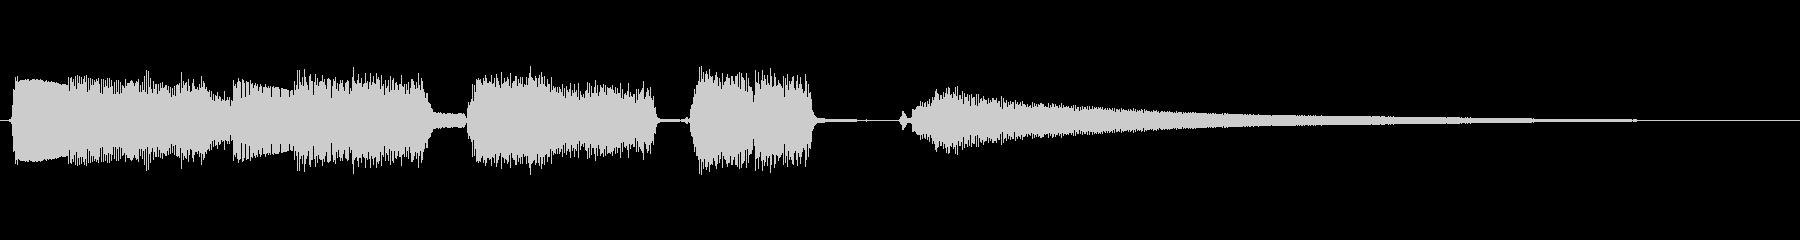 場面転換に!おしゃれなギターアルぺジオの未再生の波形